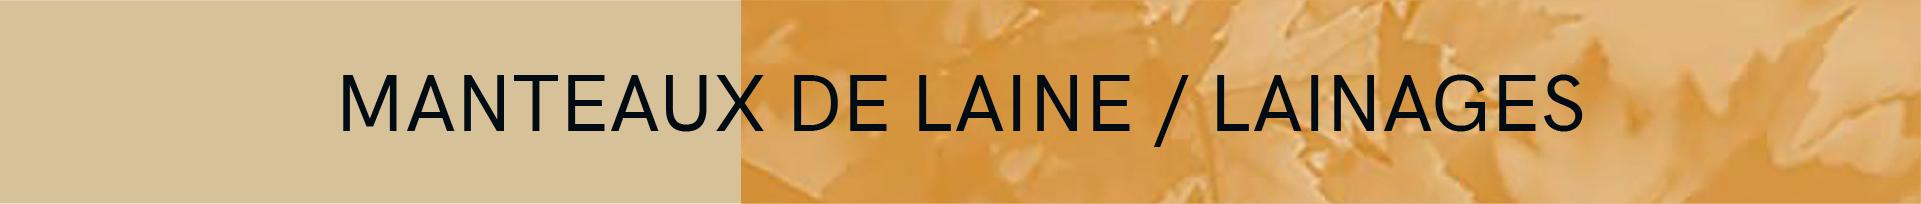 Manteaux de Laines et Lainages